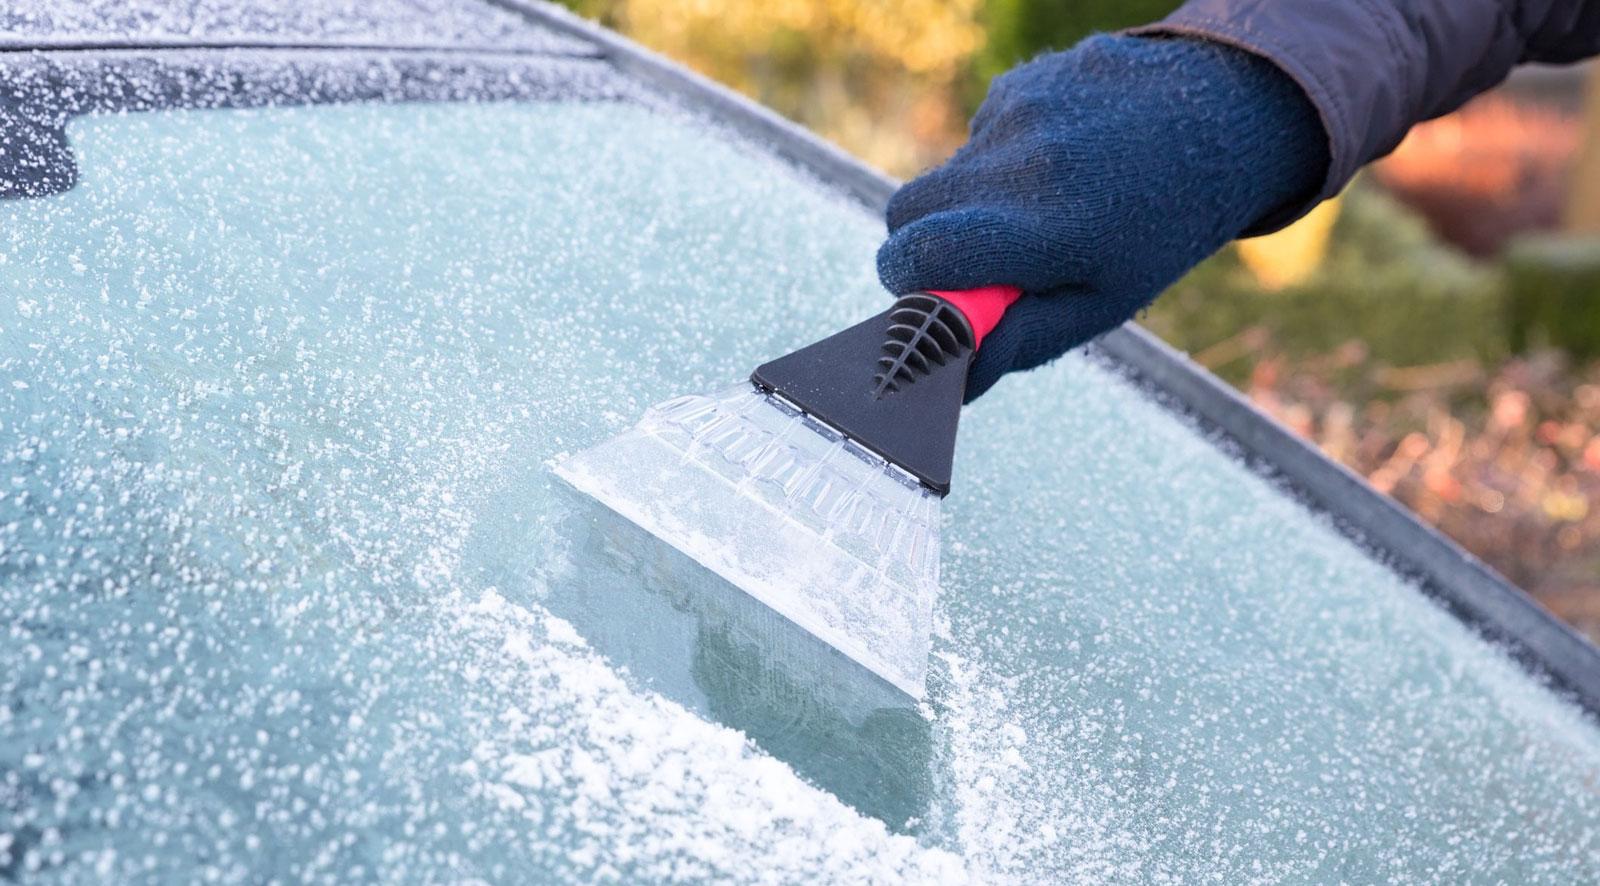 Узоры на окне или бич автомобилистов: как растет двумерный лед - 1